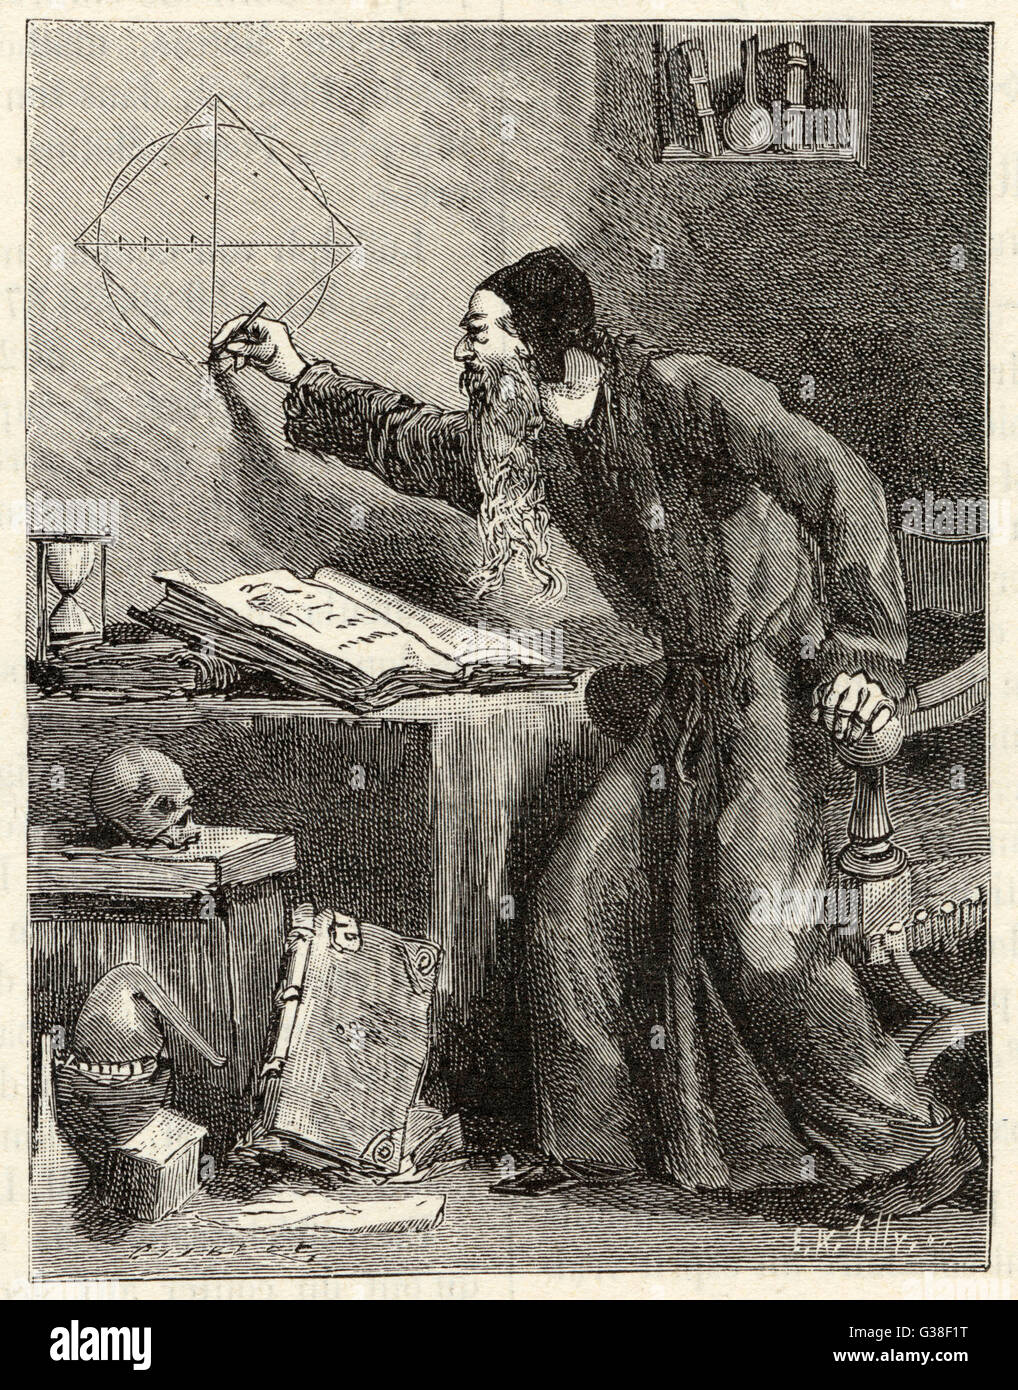 """Ein Renaissance Mathematiker soll """"die Quadratur des Kreises"""" Datum: 16. Jahrhundert Stockbild"""